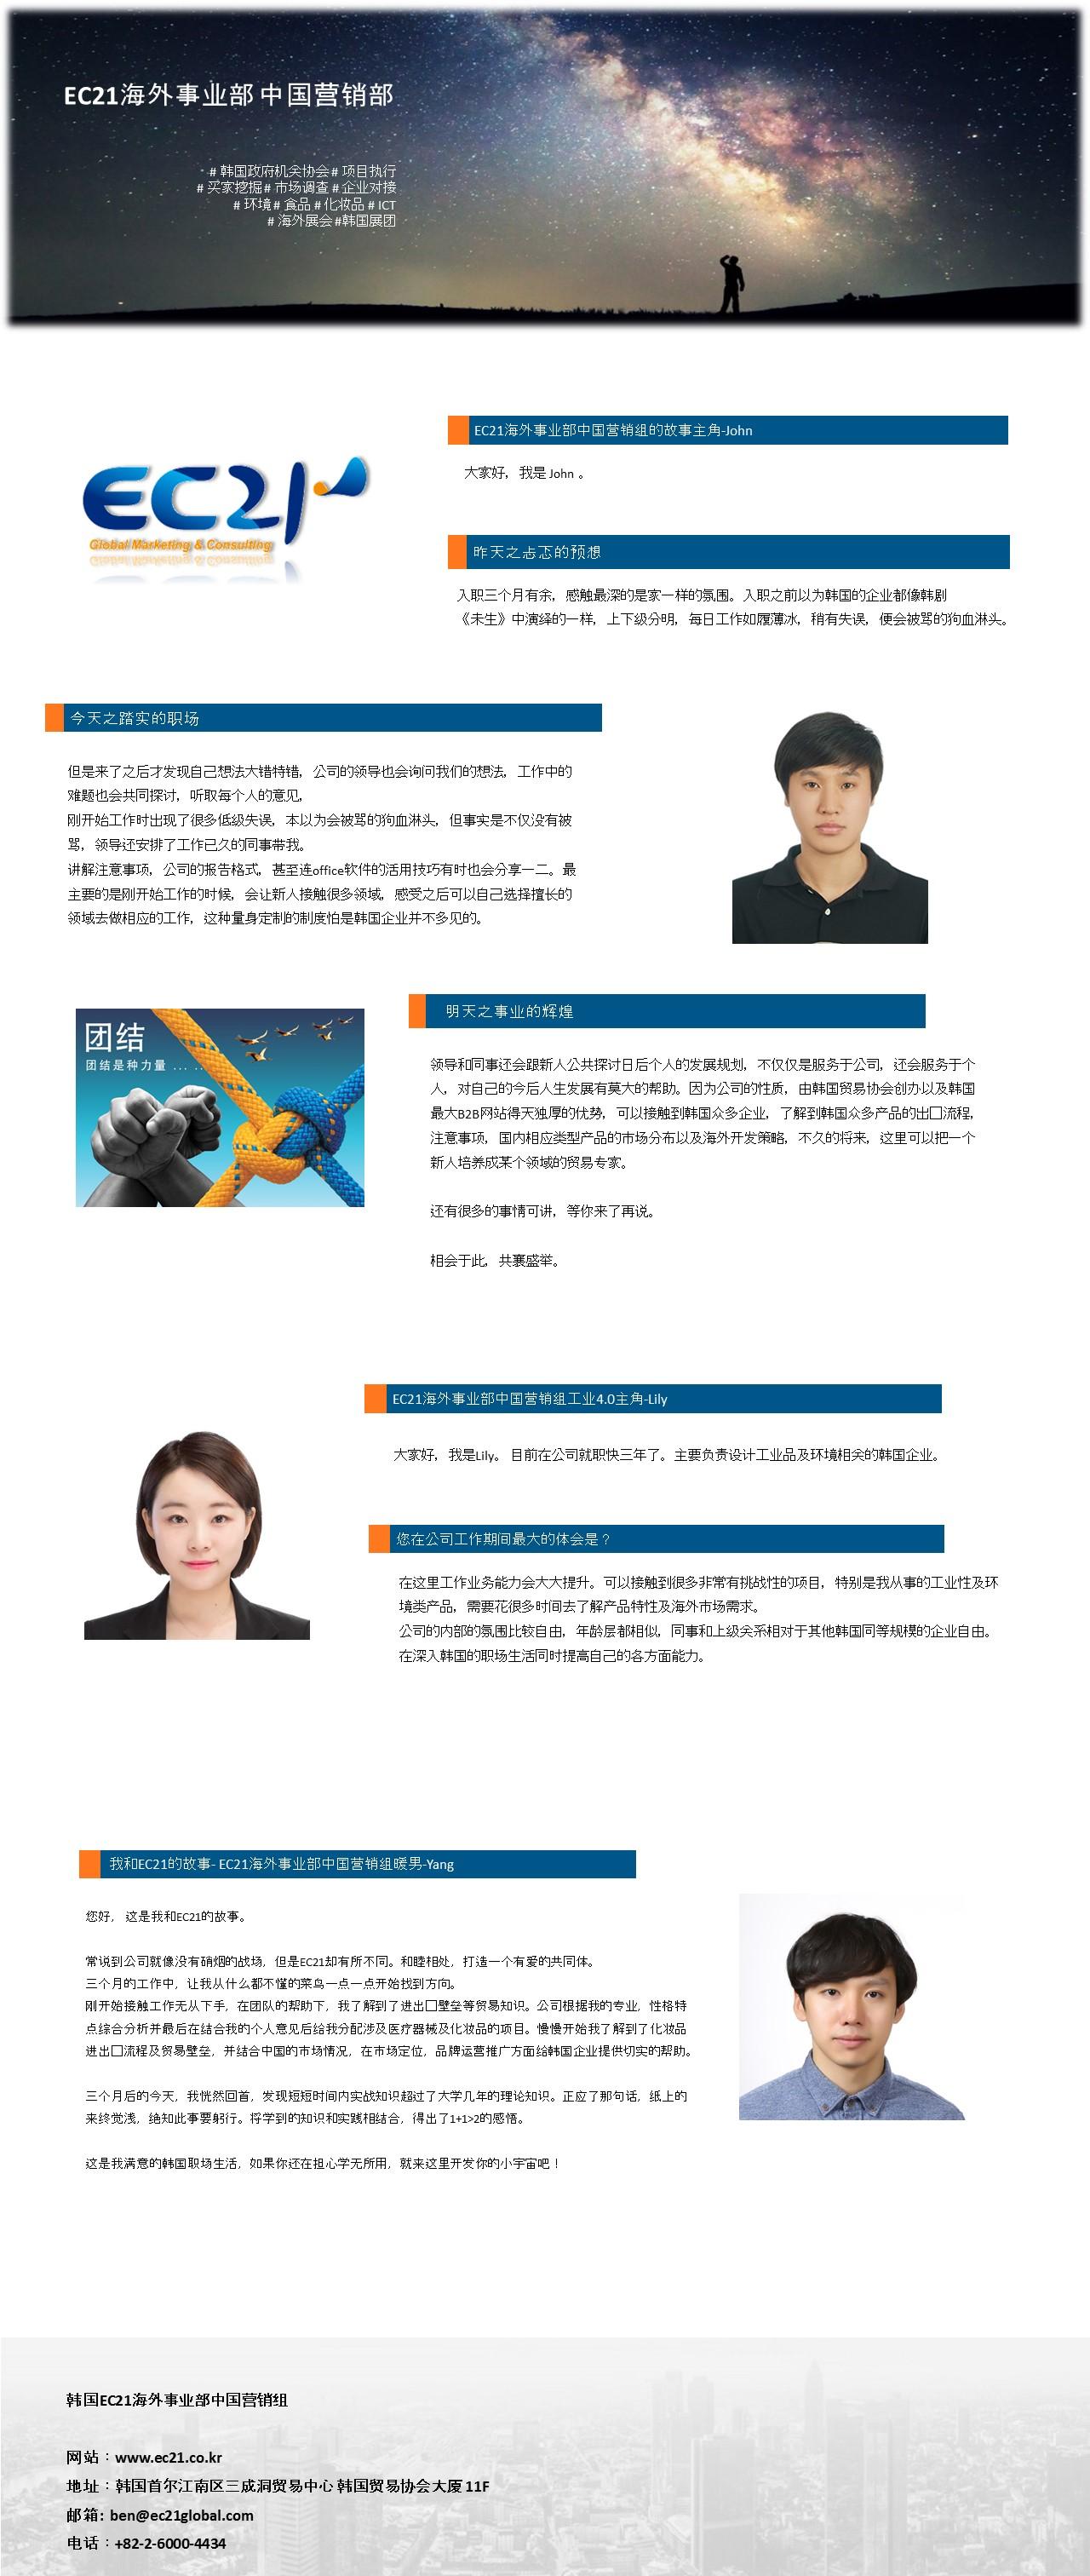 중국마케팅팀 직원 인터뷰2